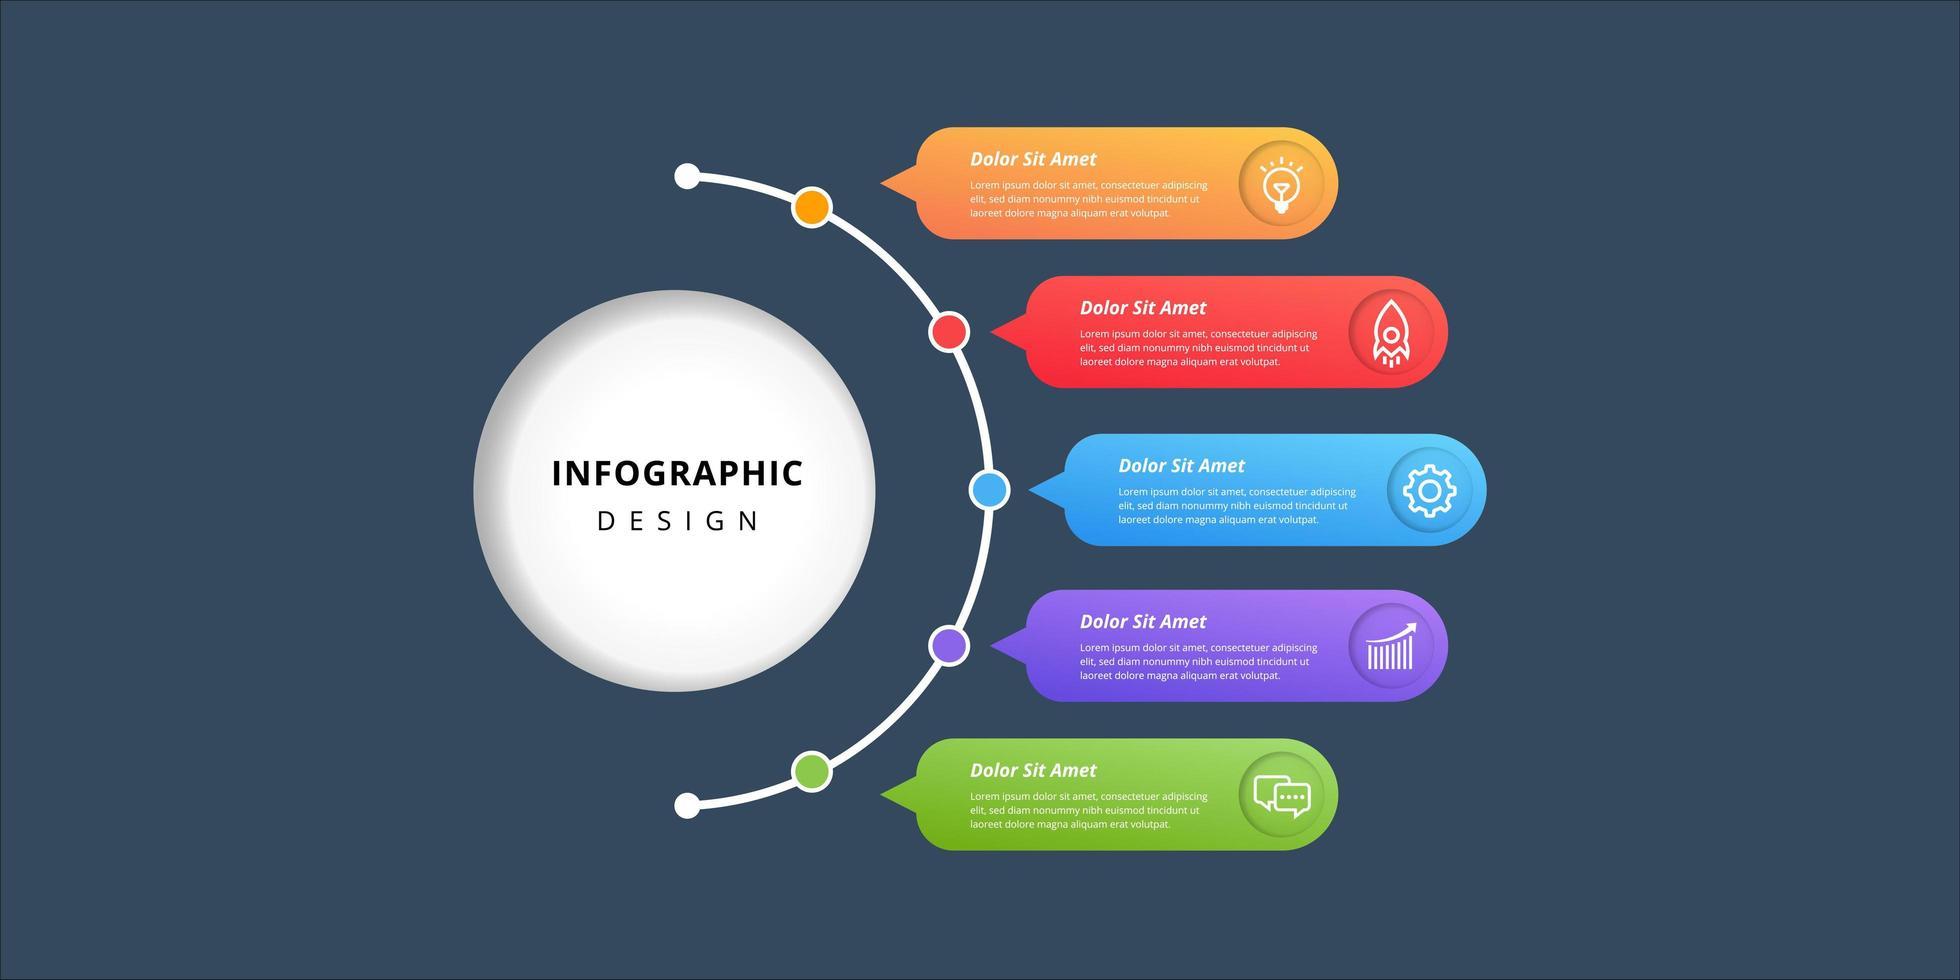 etiqueta colorida elementos de diseño infográfico vector